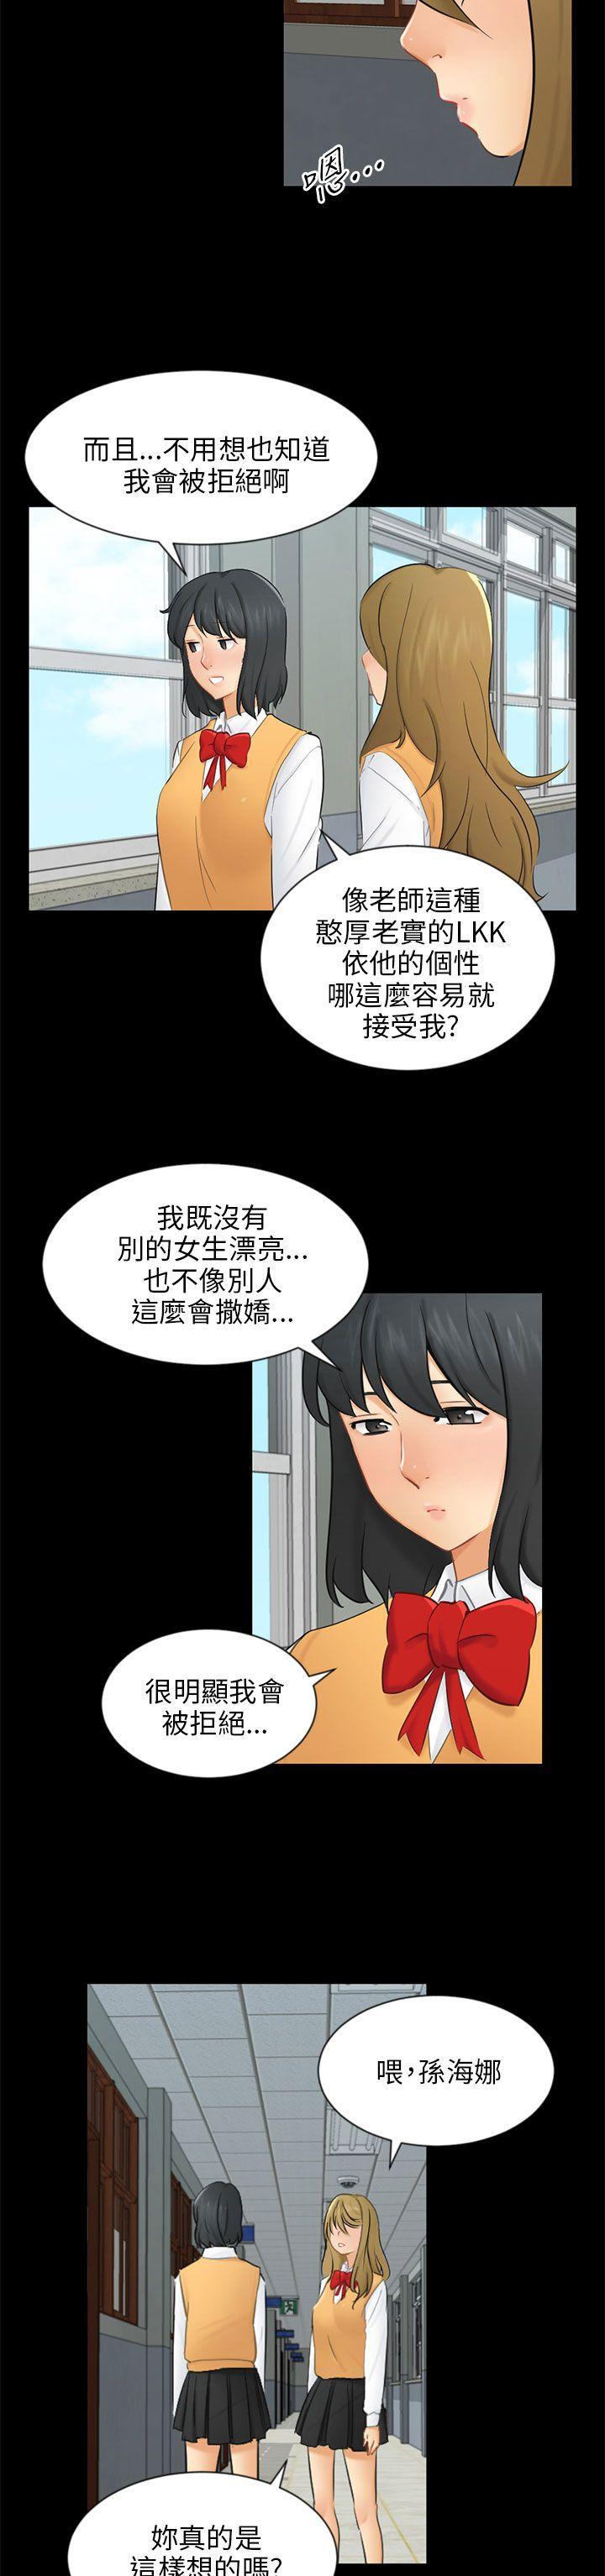 騙局-第19話 條件全彩韩漫标签